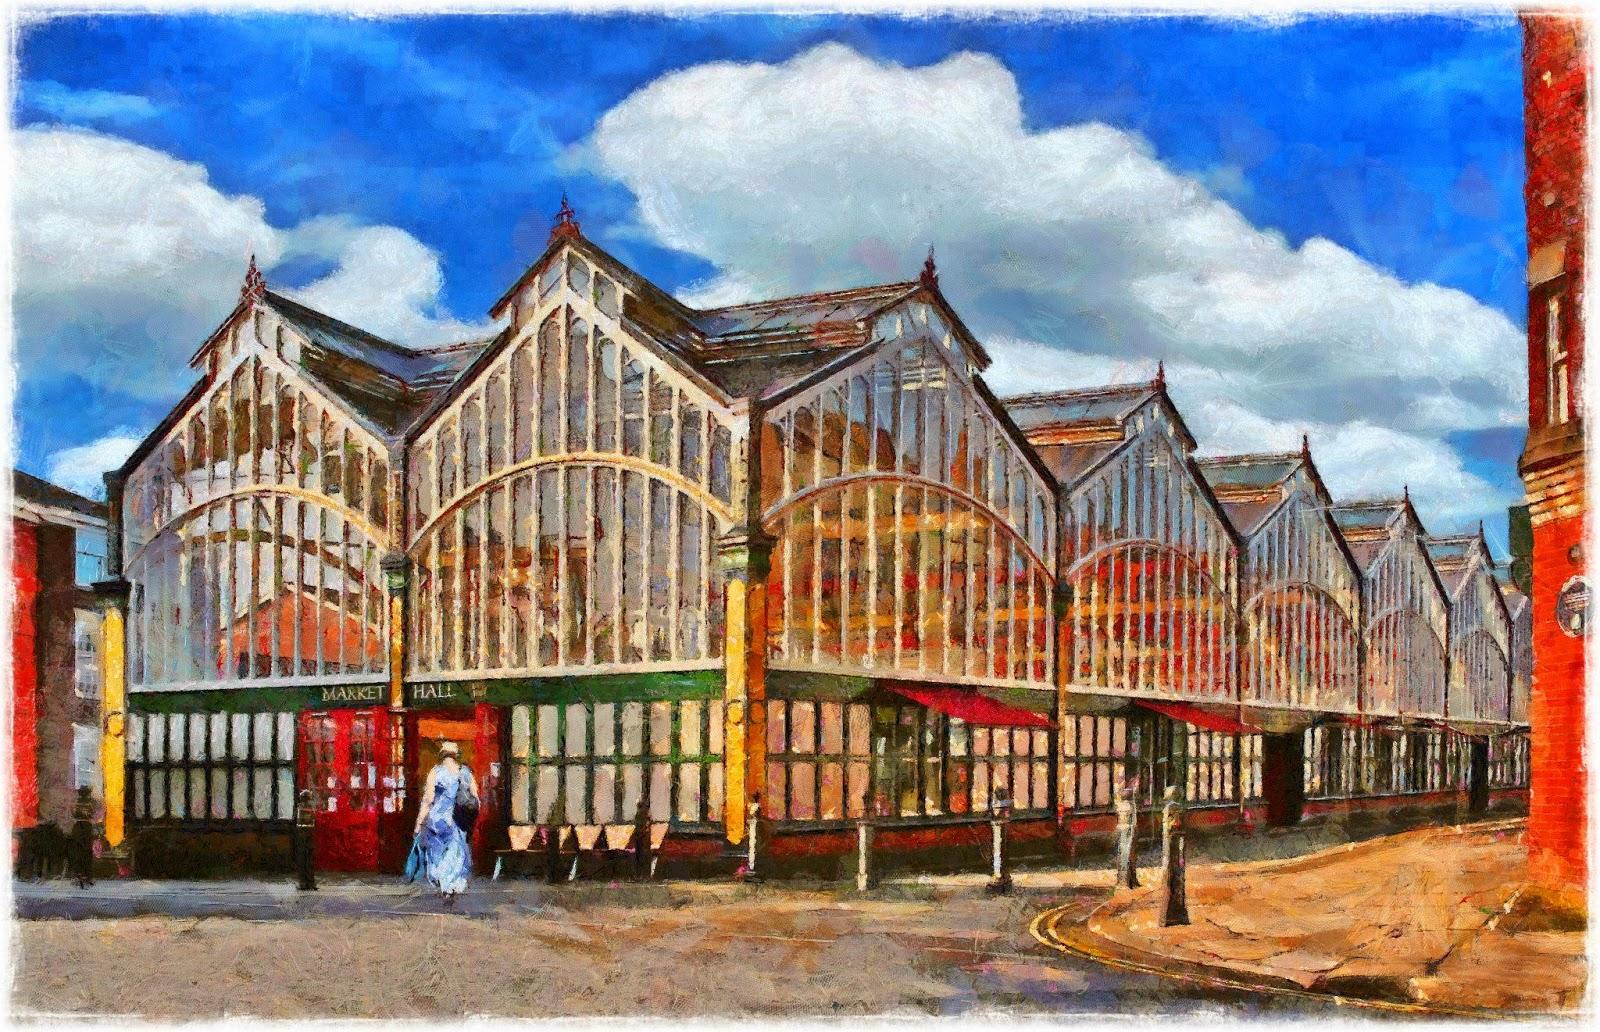 stockport market hall history